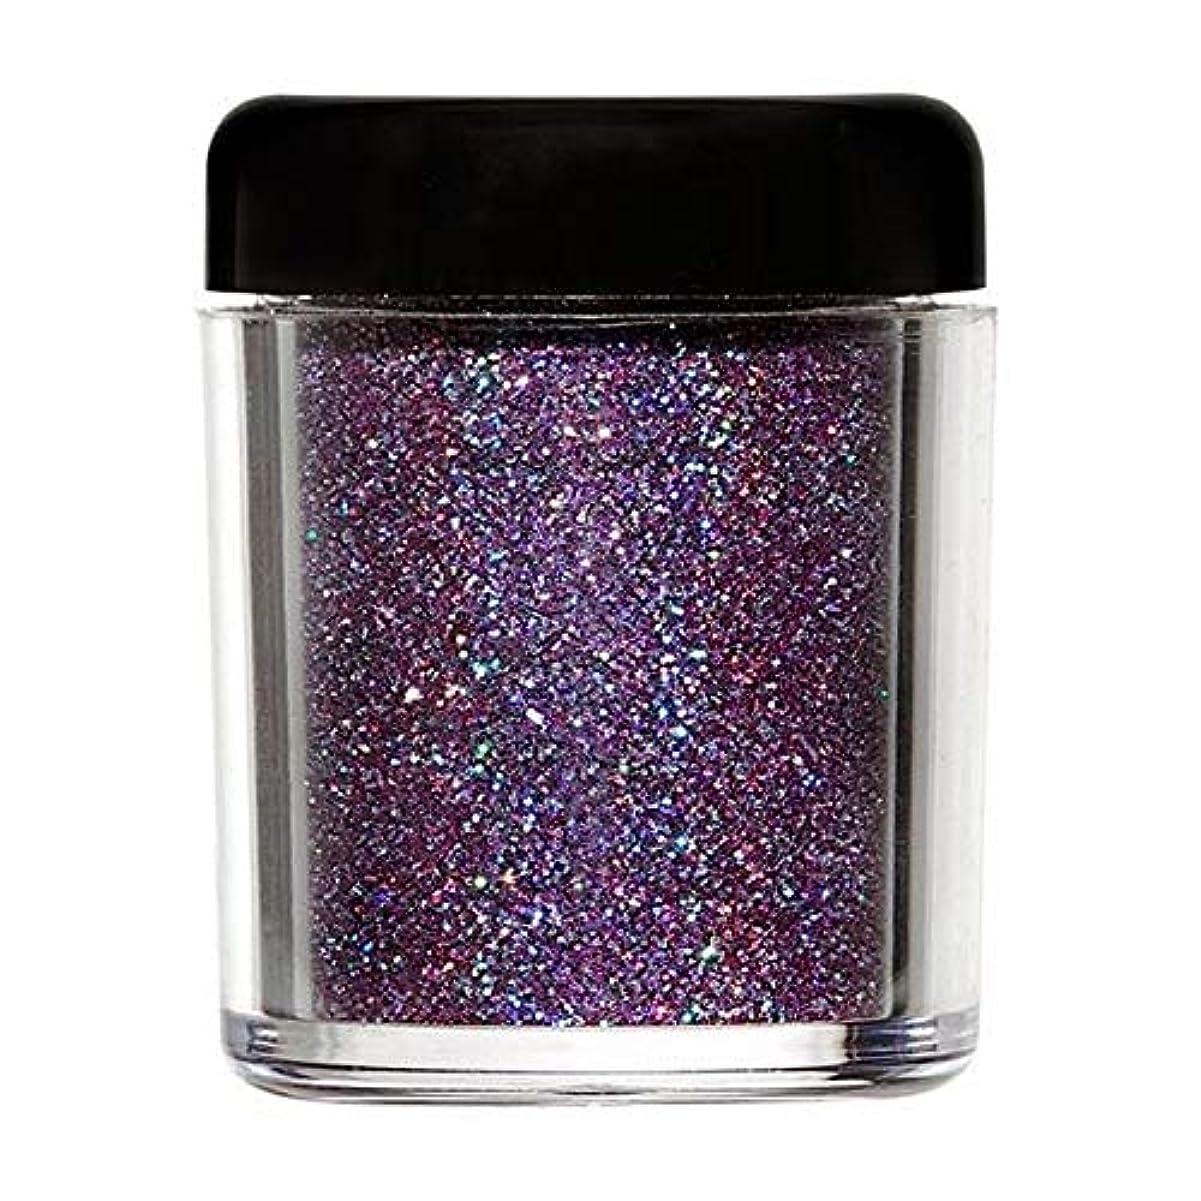 添加剤孤独ドナー[Barry M ] バリーメートルのグリッターラッシュボディの輝き - 紫外線 - Barry M Glitter Rush Body Glitter - Ultraviolet [並行輸入品]